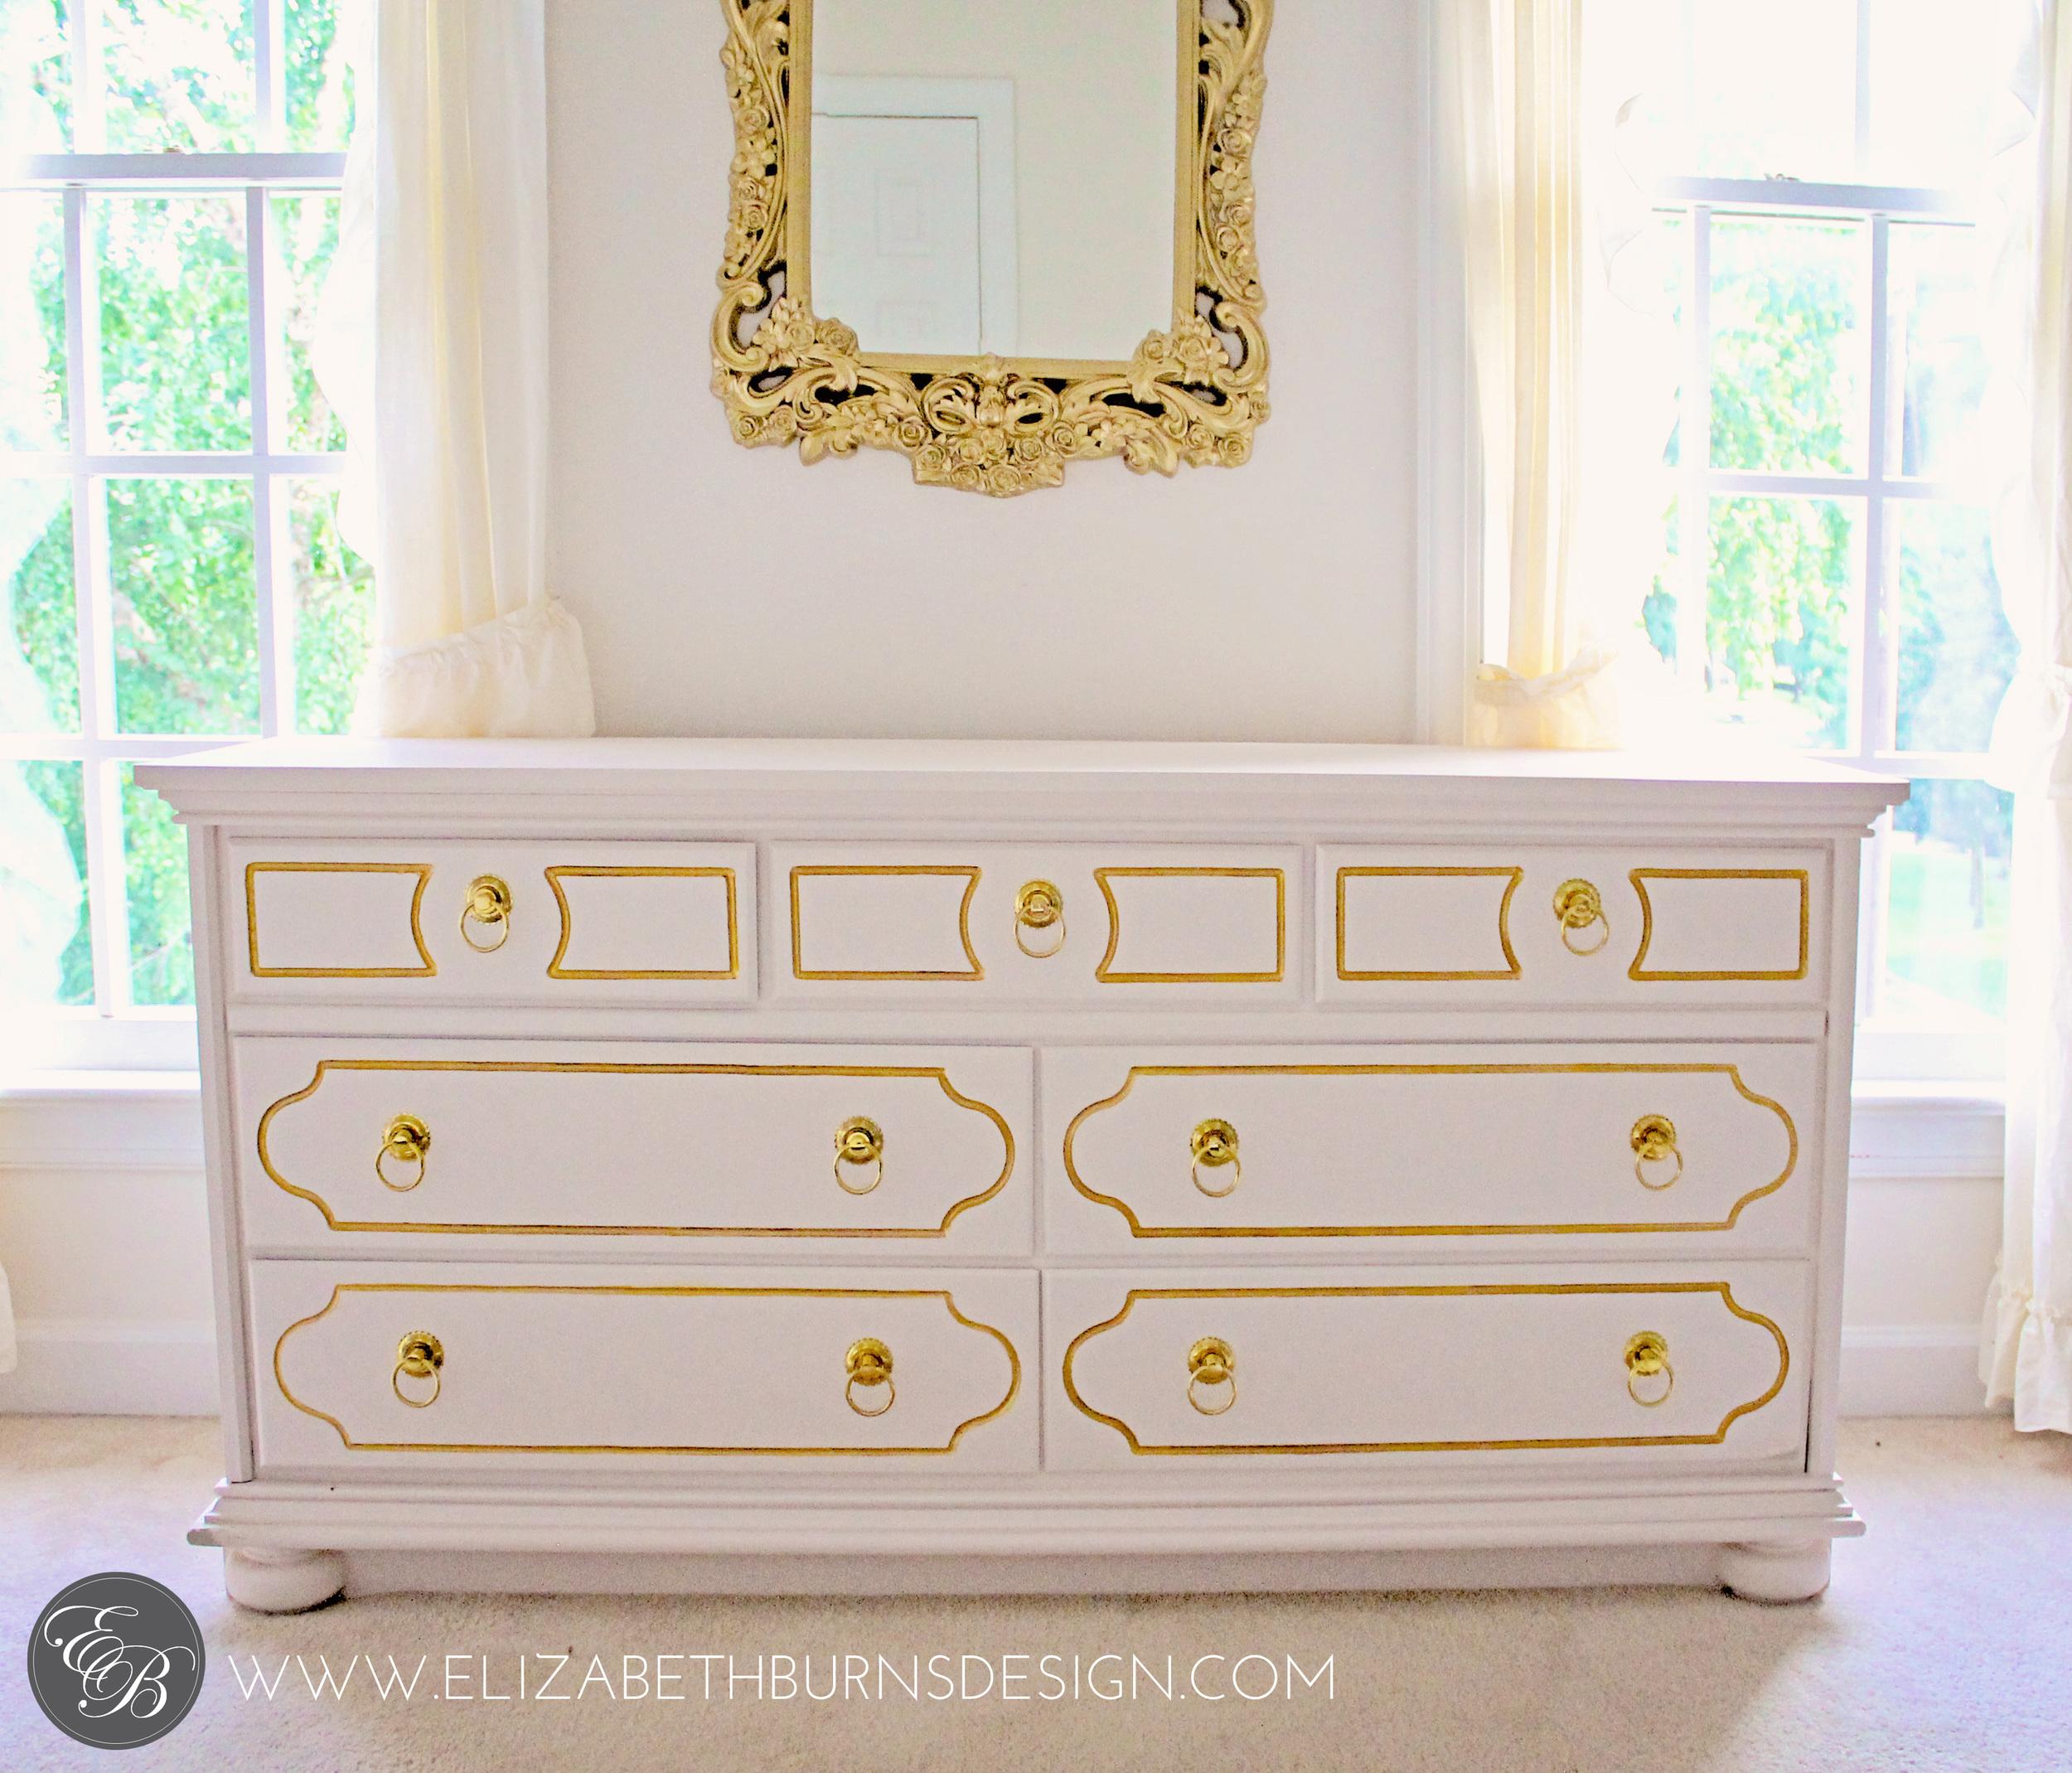 Elizabeth Burns Design | Pink and Gold Dresser